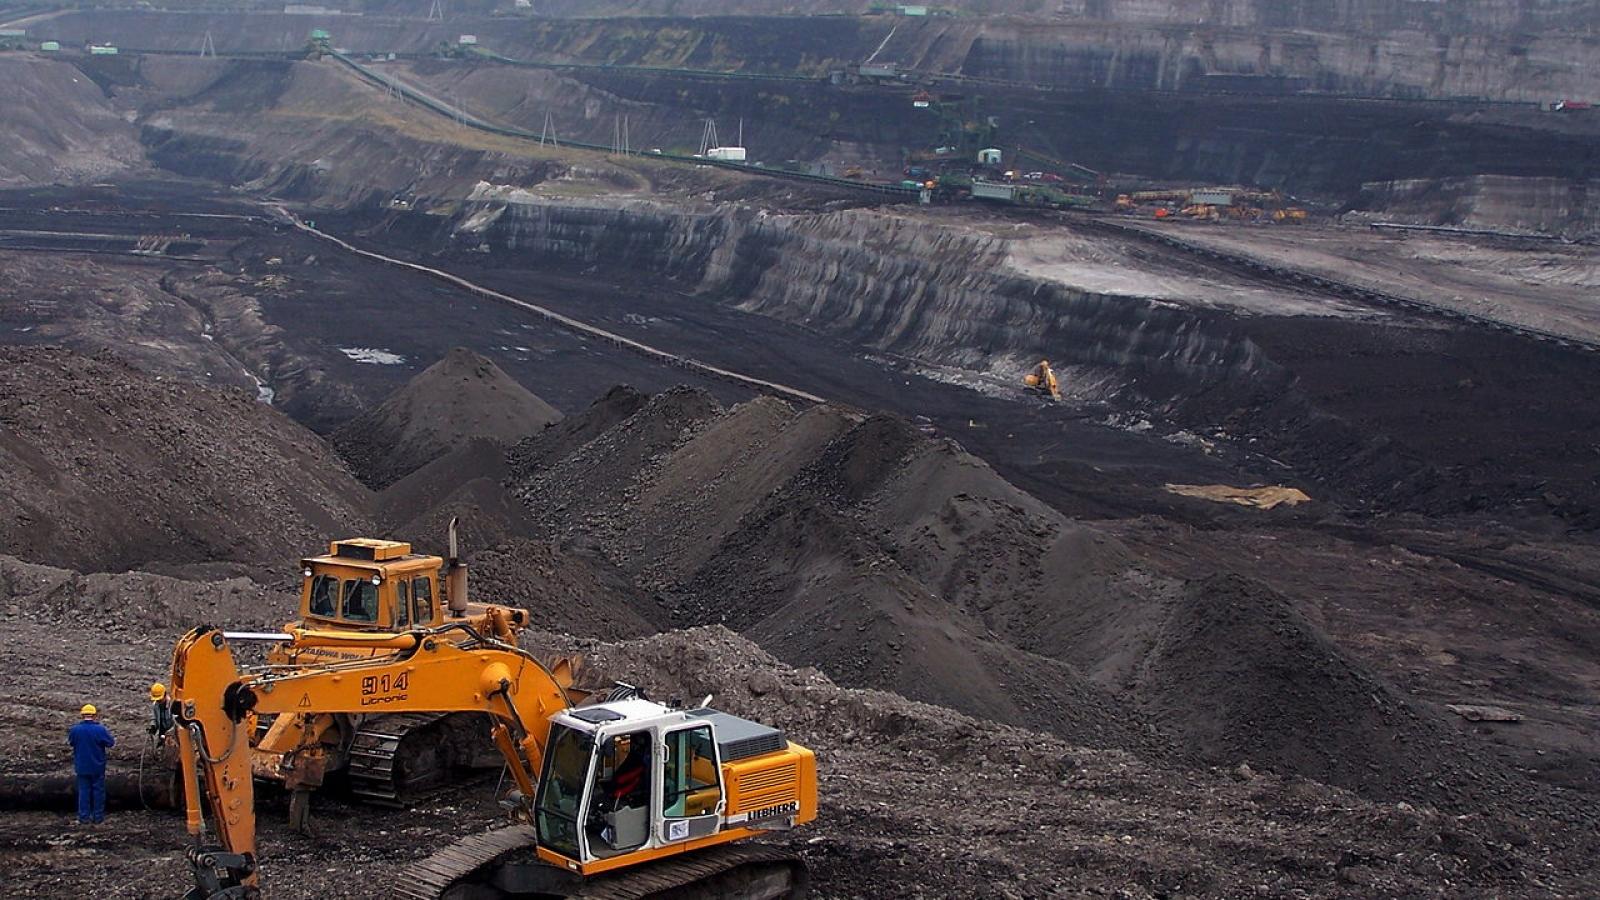 Séc đề xuất thảo luận với Ba Lan về tranh chấp ở mỏ than Turow